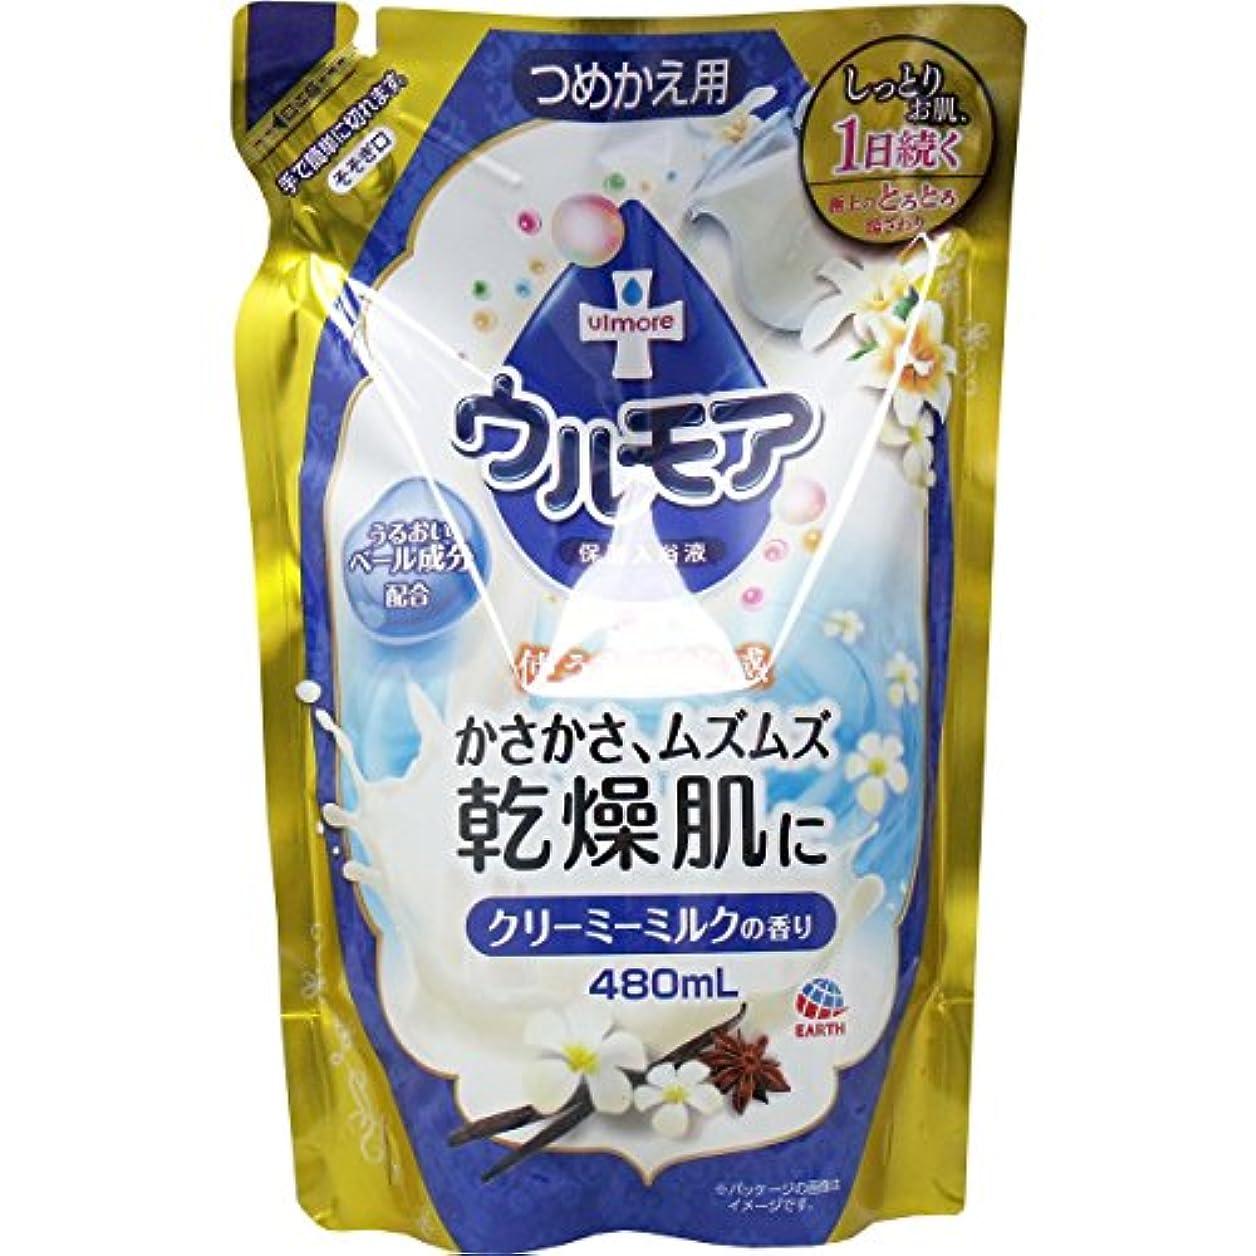 針メイド委員長保湿入浴液ウルモアクリーミーミルク 替え × 5個セット